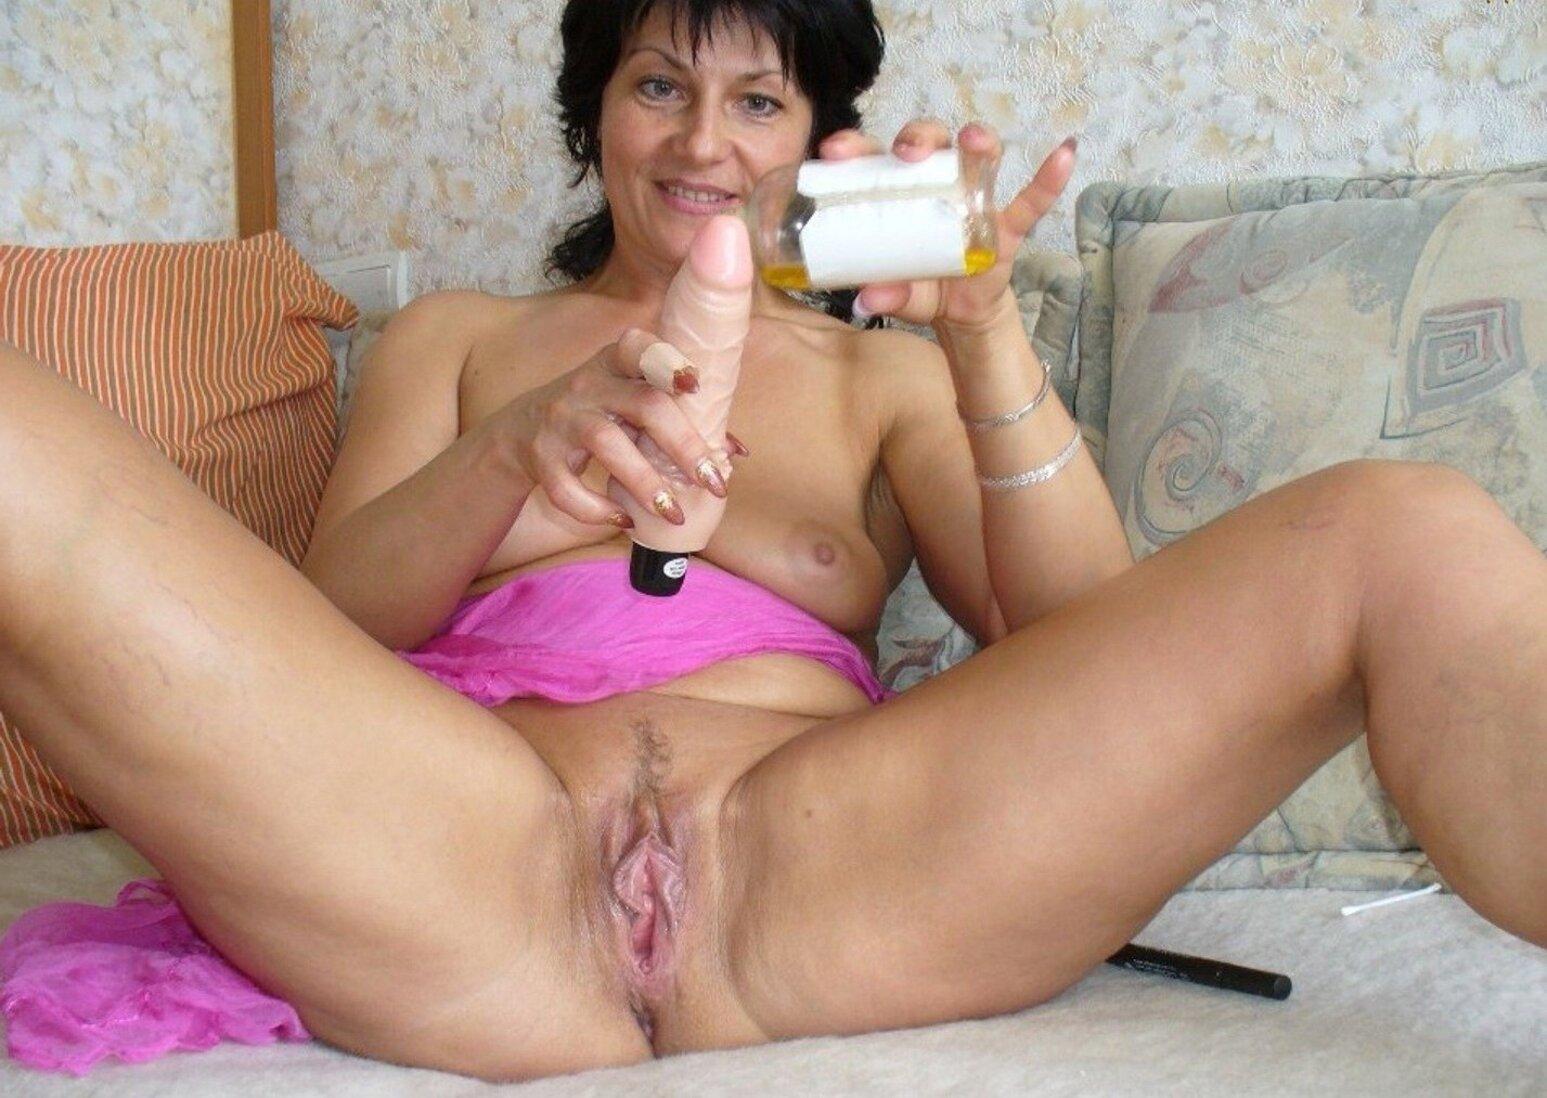 Тетки за 40 женщина смазывает вибратор лежа на кровати и раздвинув ноги улыбается.